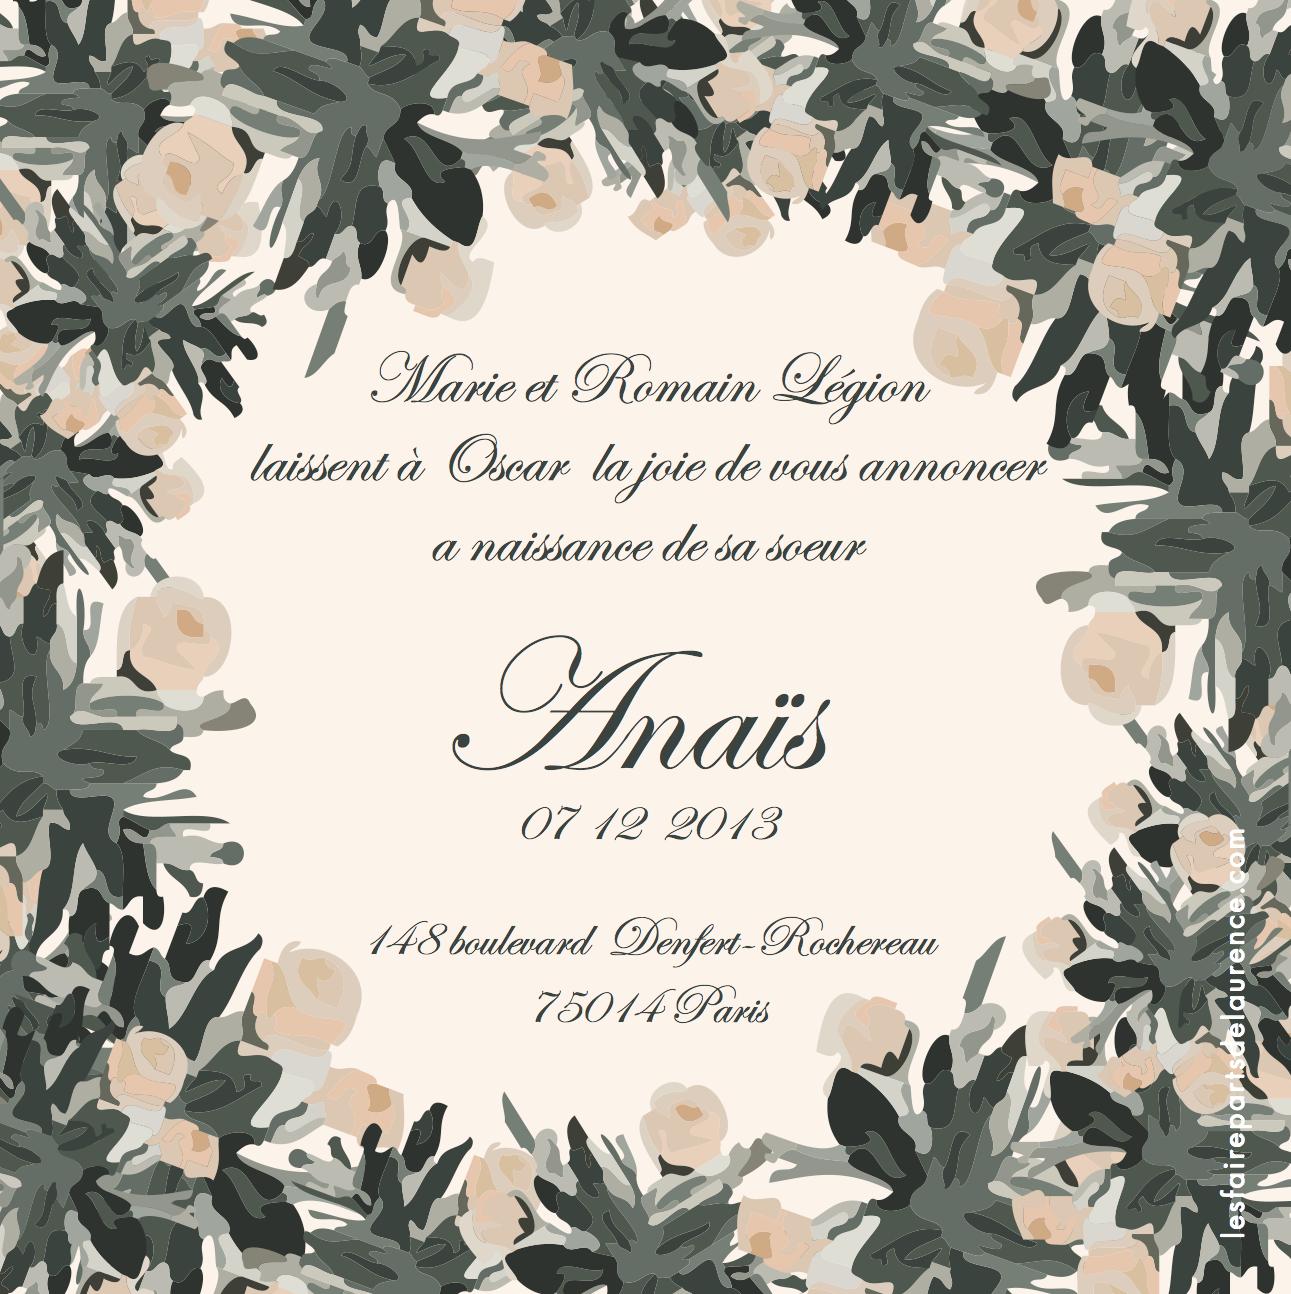 Anaïs_carré_verso_2.png